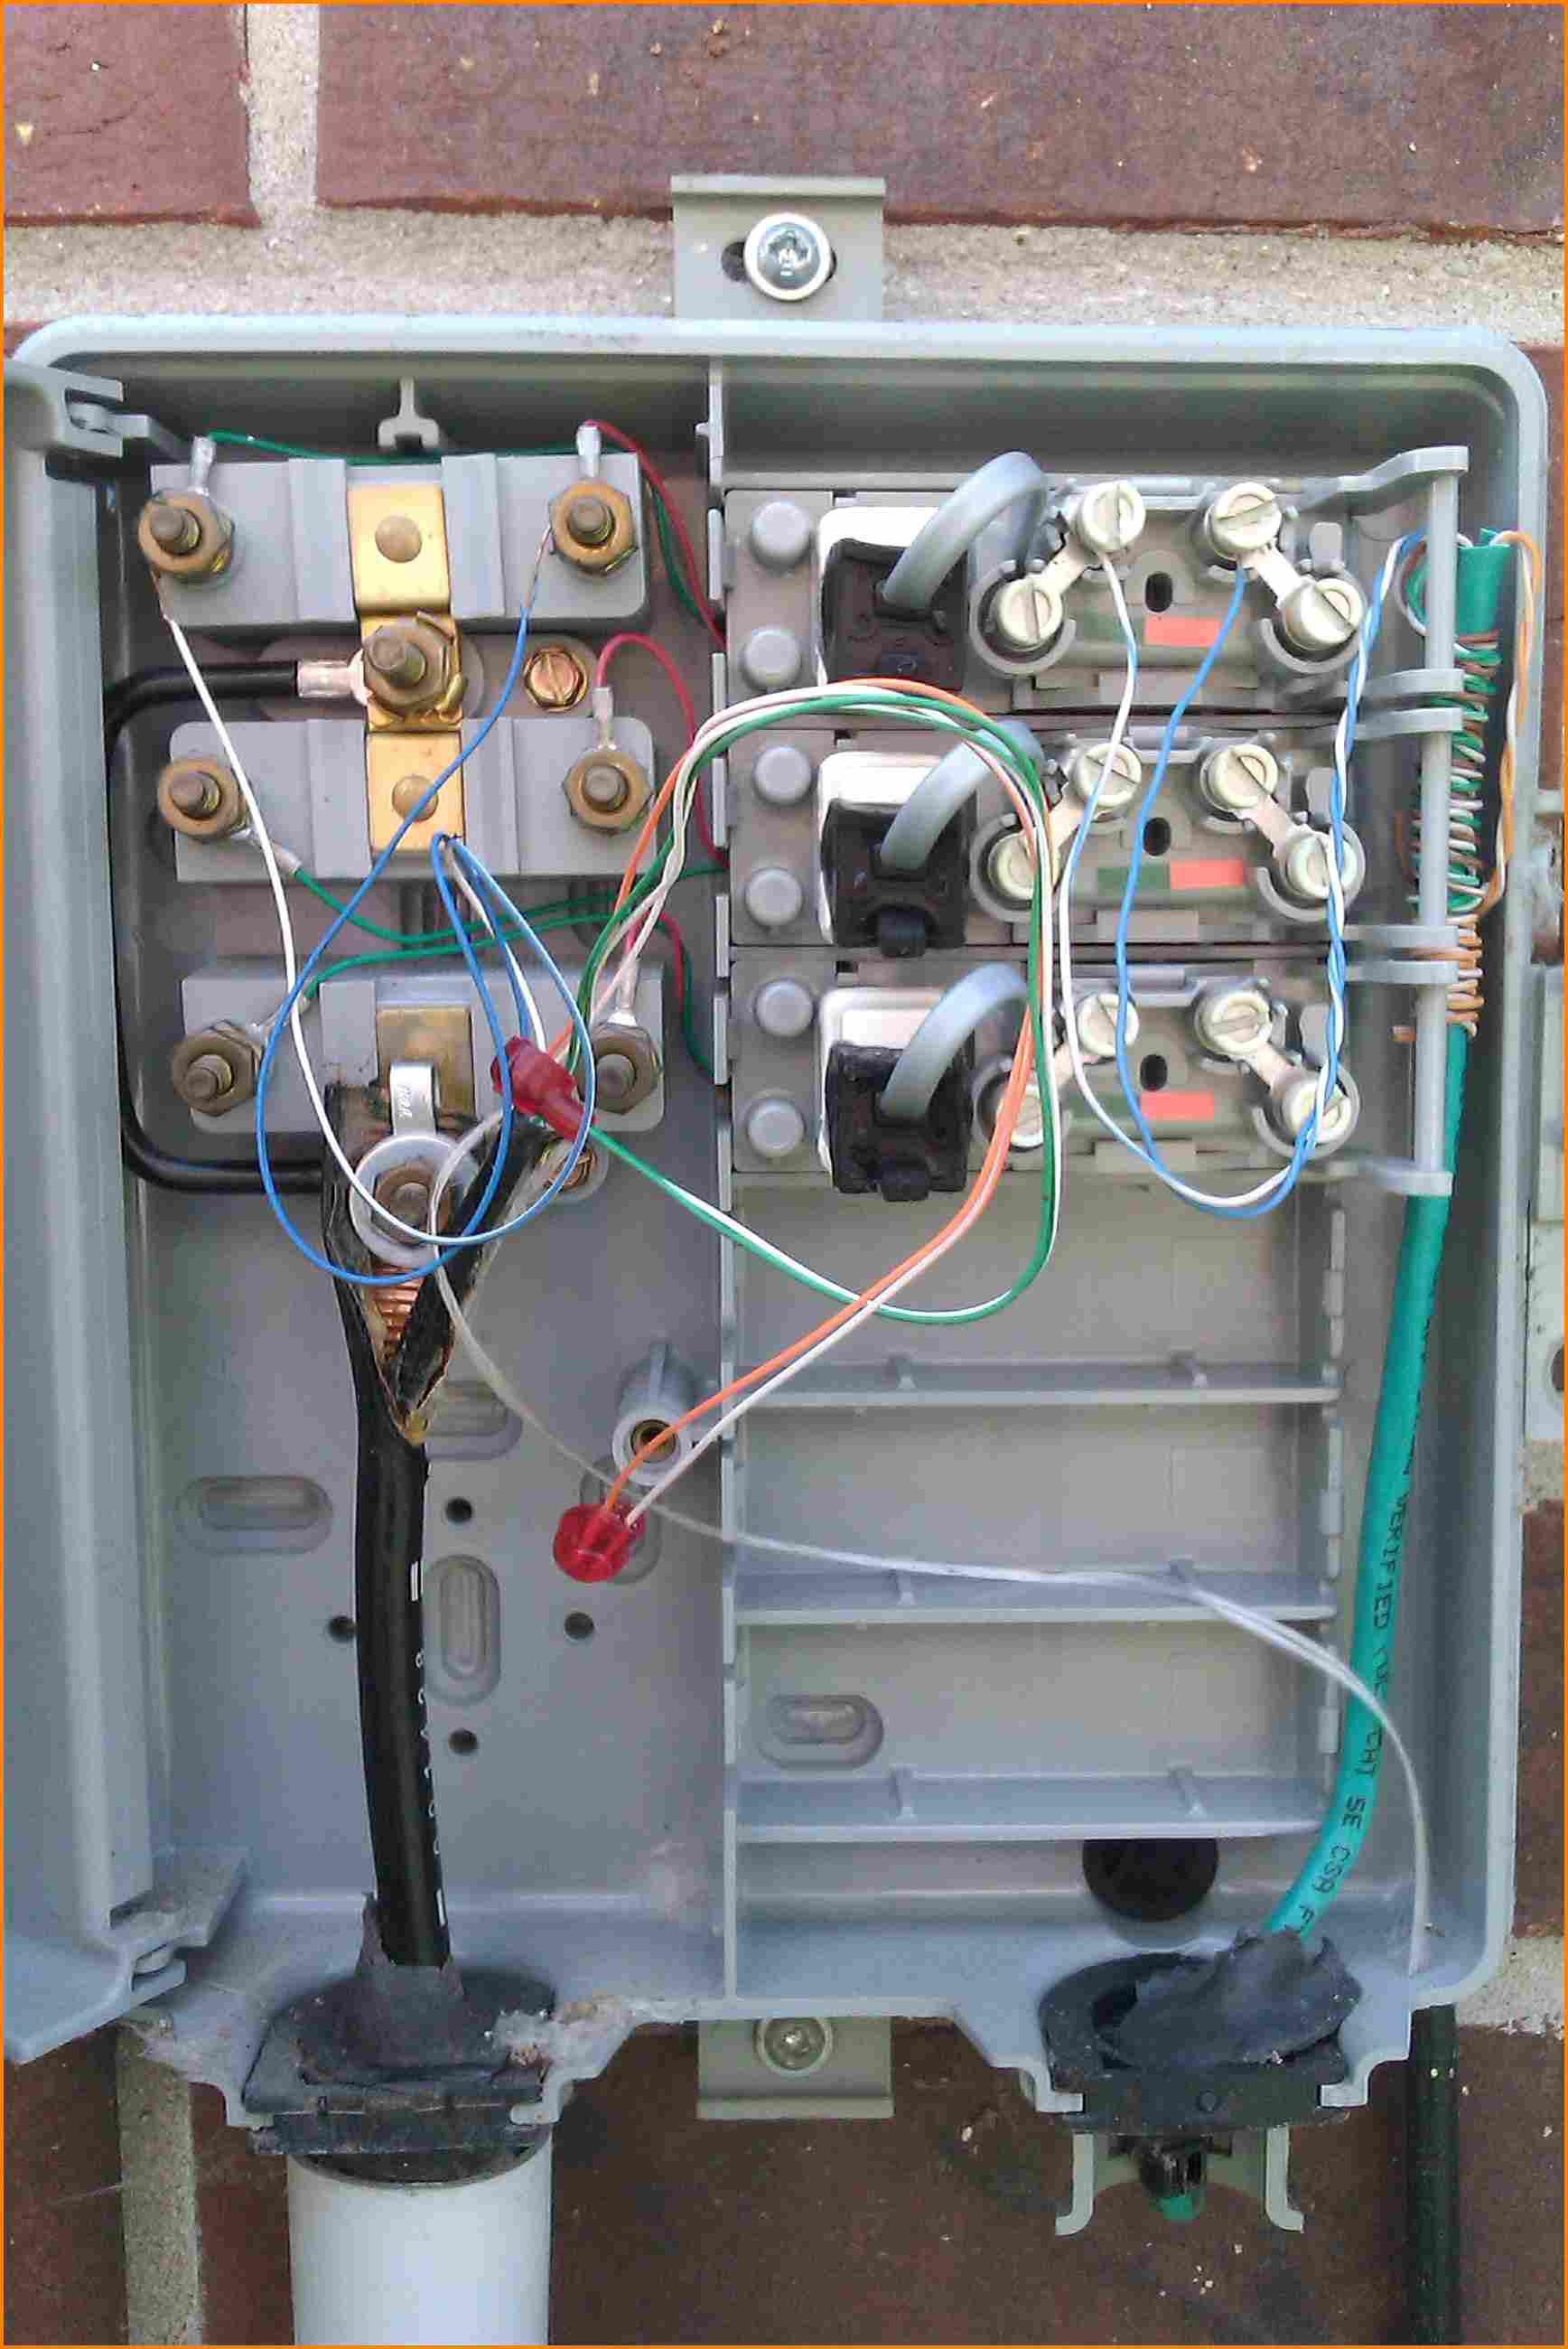 nid wiring diagram wiring diagram Cat5e Wiring Diagram With Nid leviton cat5e wiring diagram diagrams